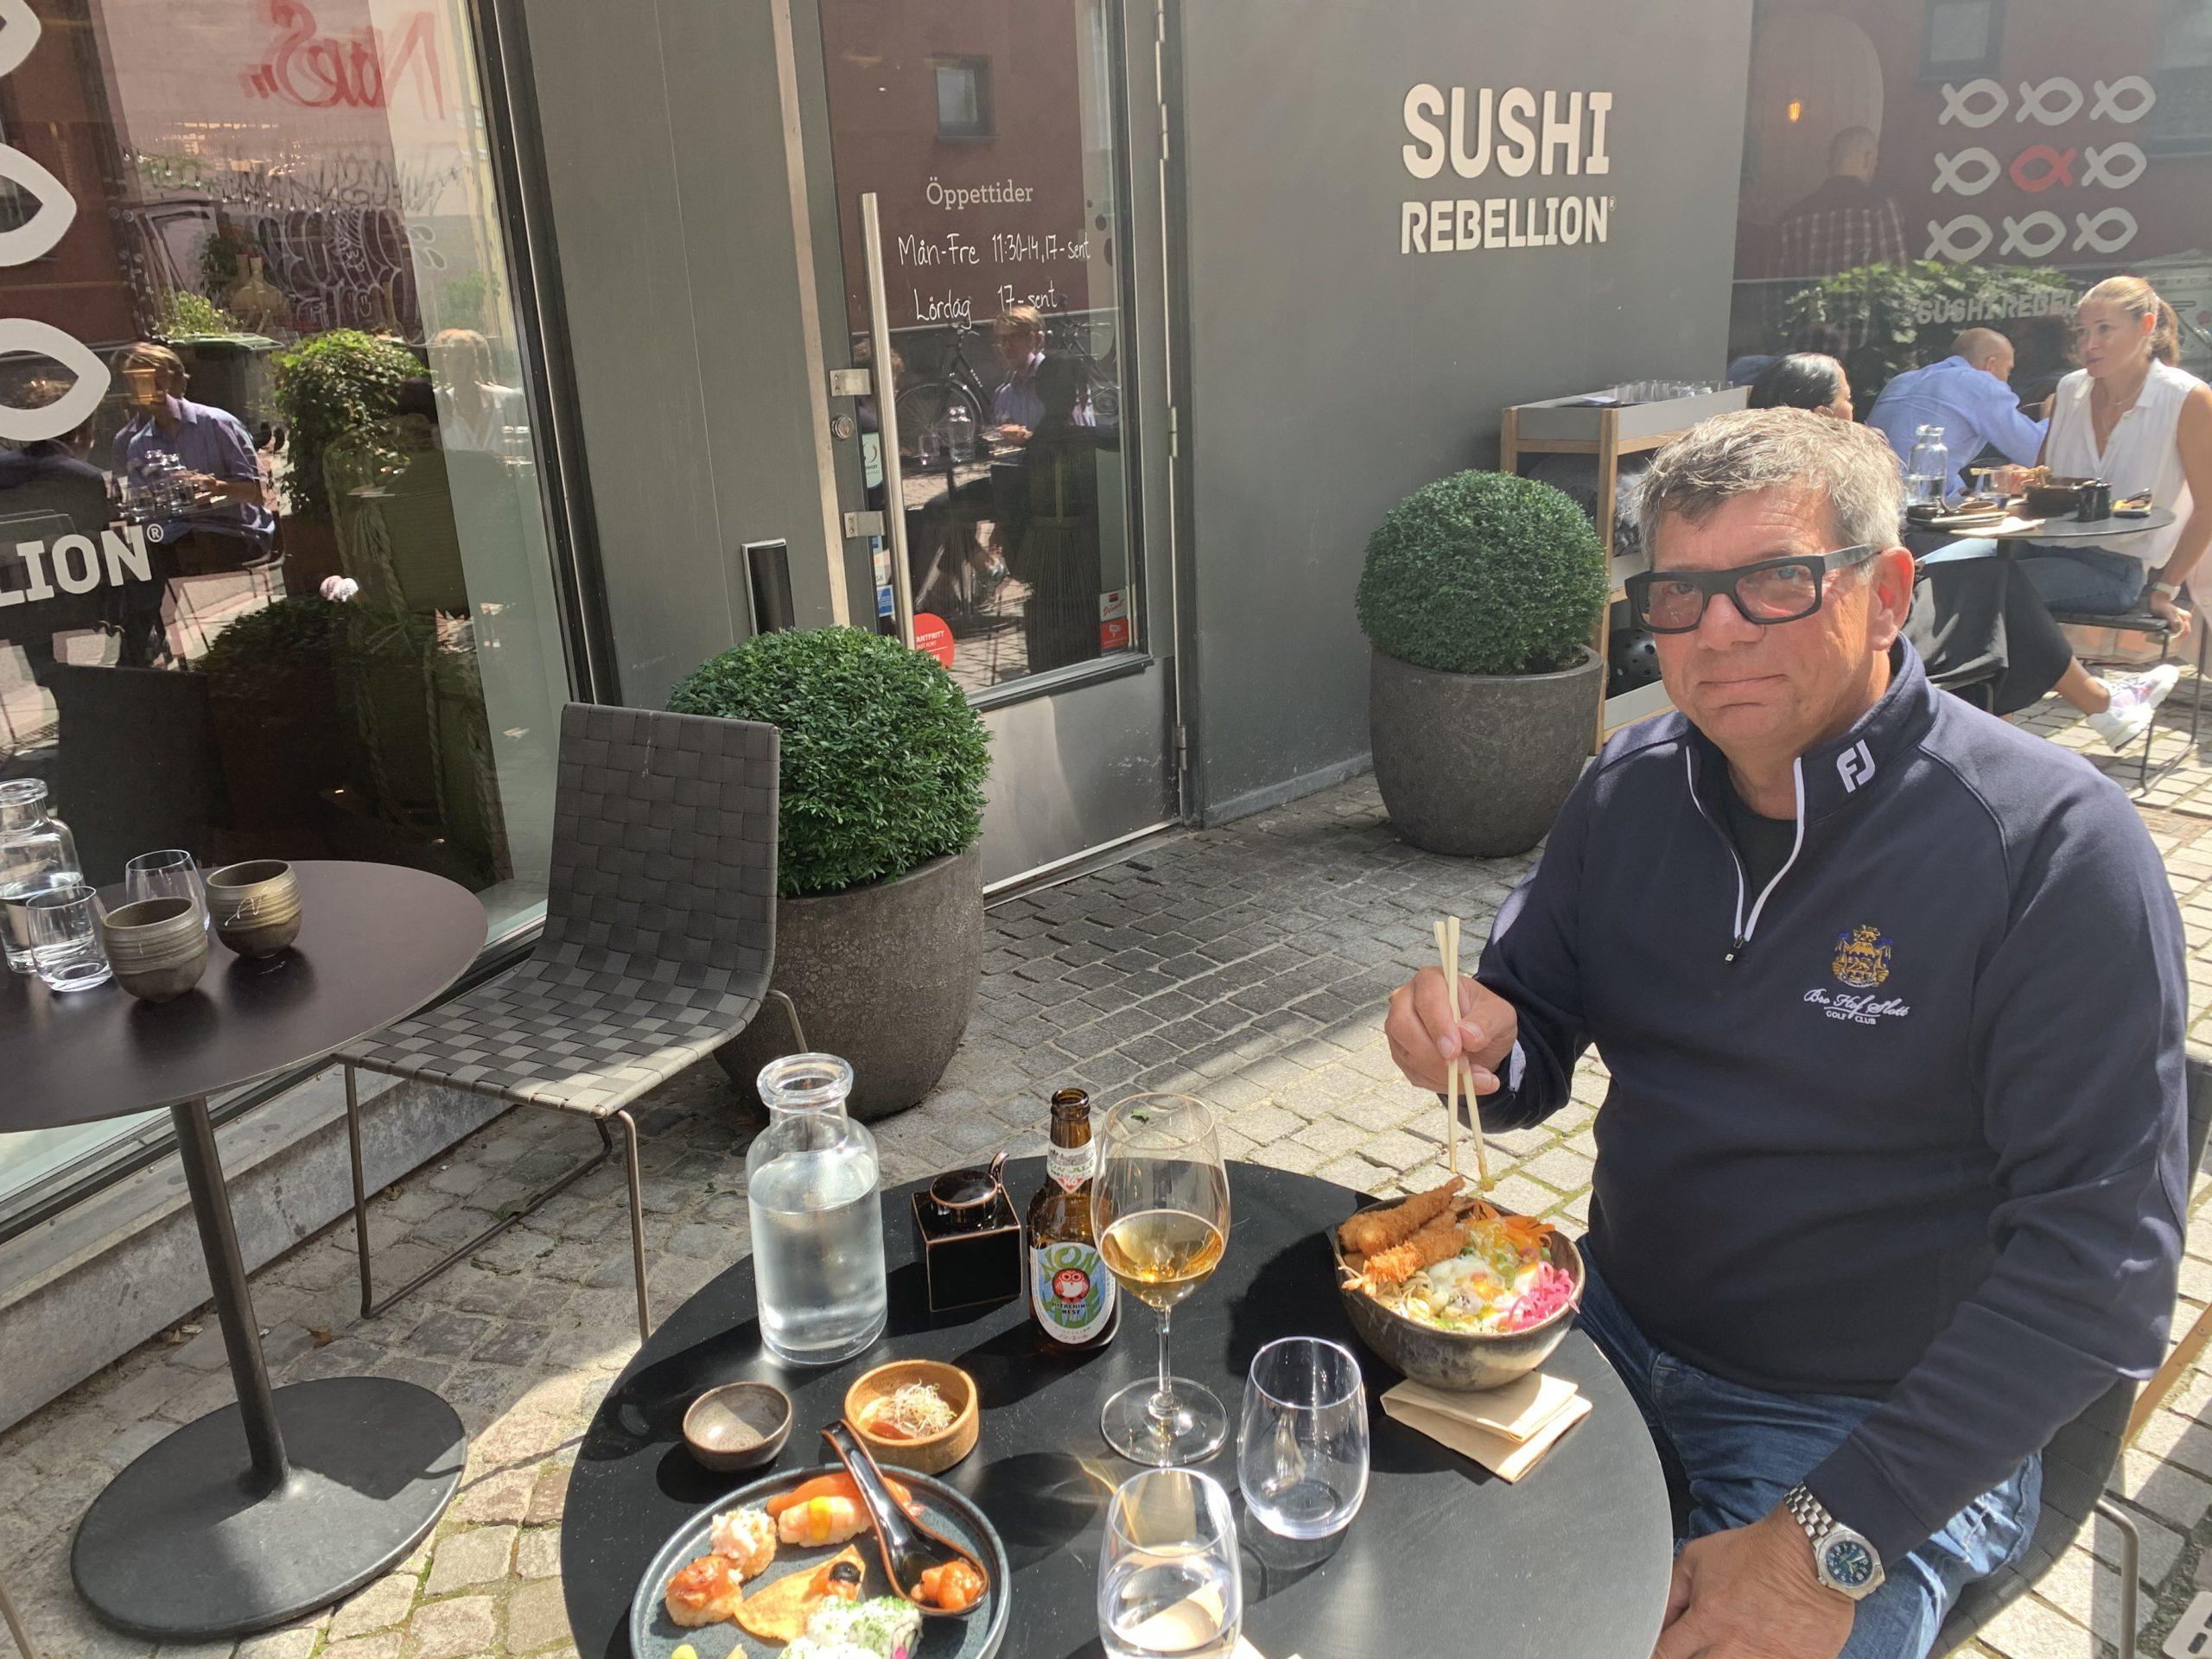 Restaurang Sushi Rebellion på Gamla väster i Malmö